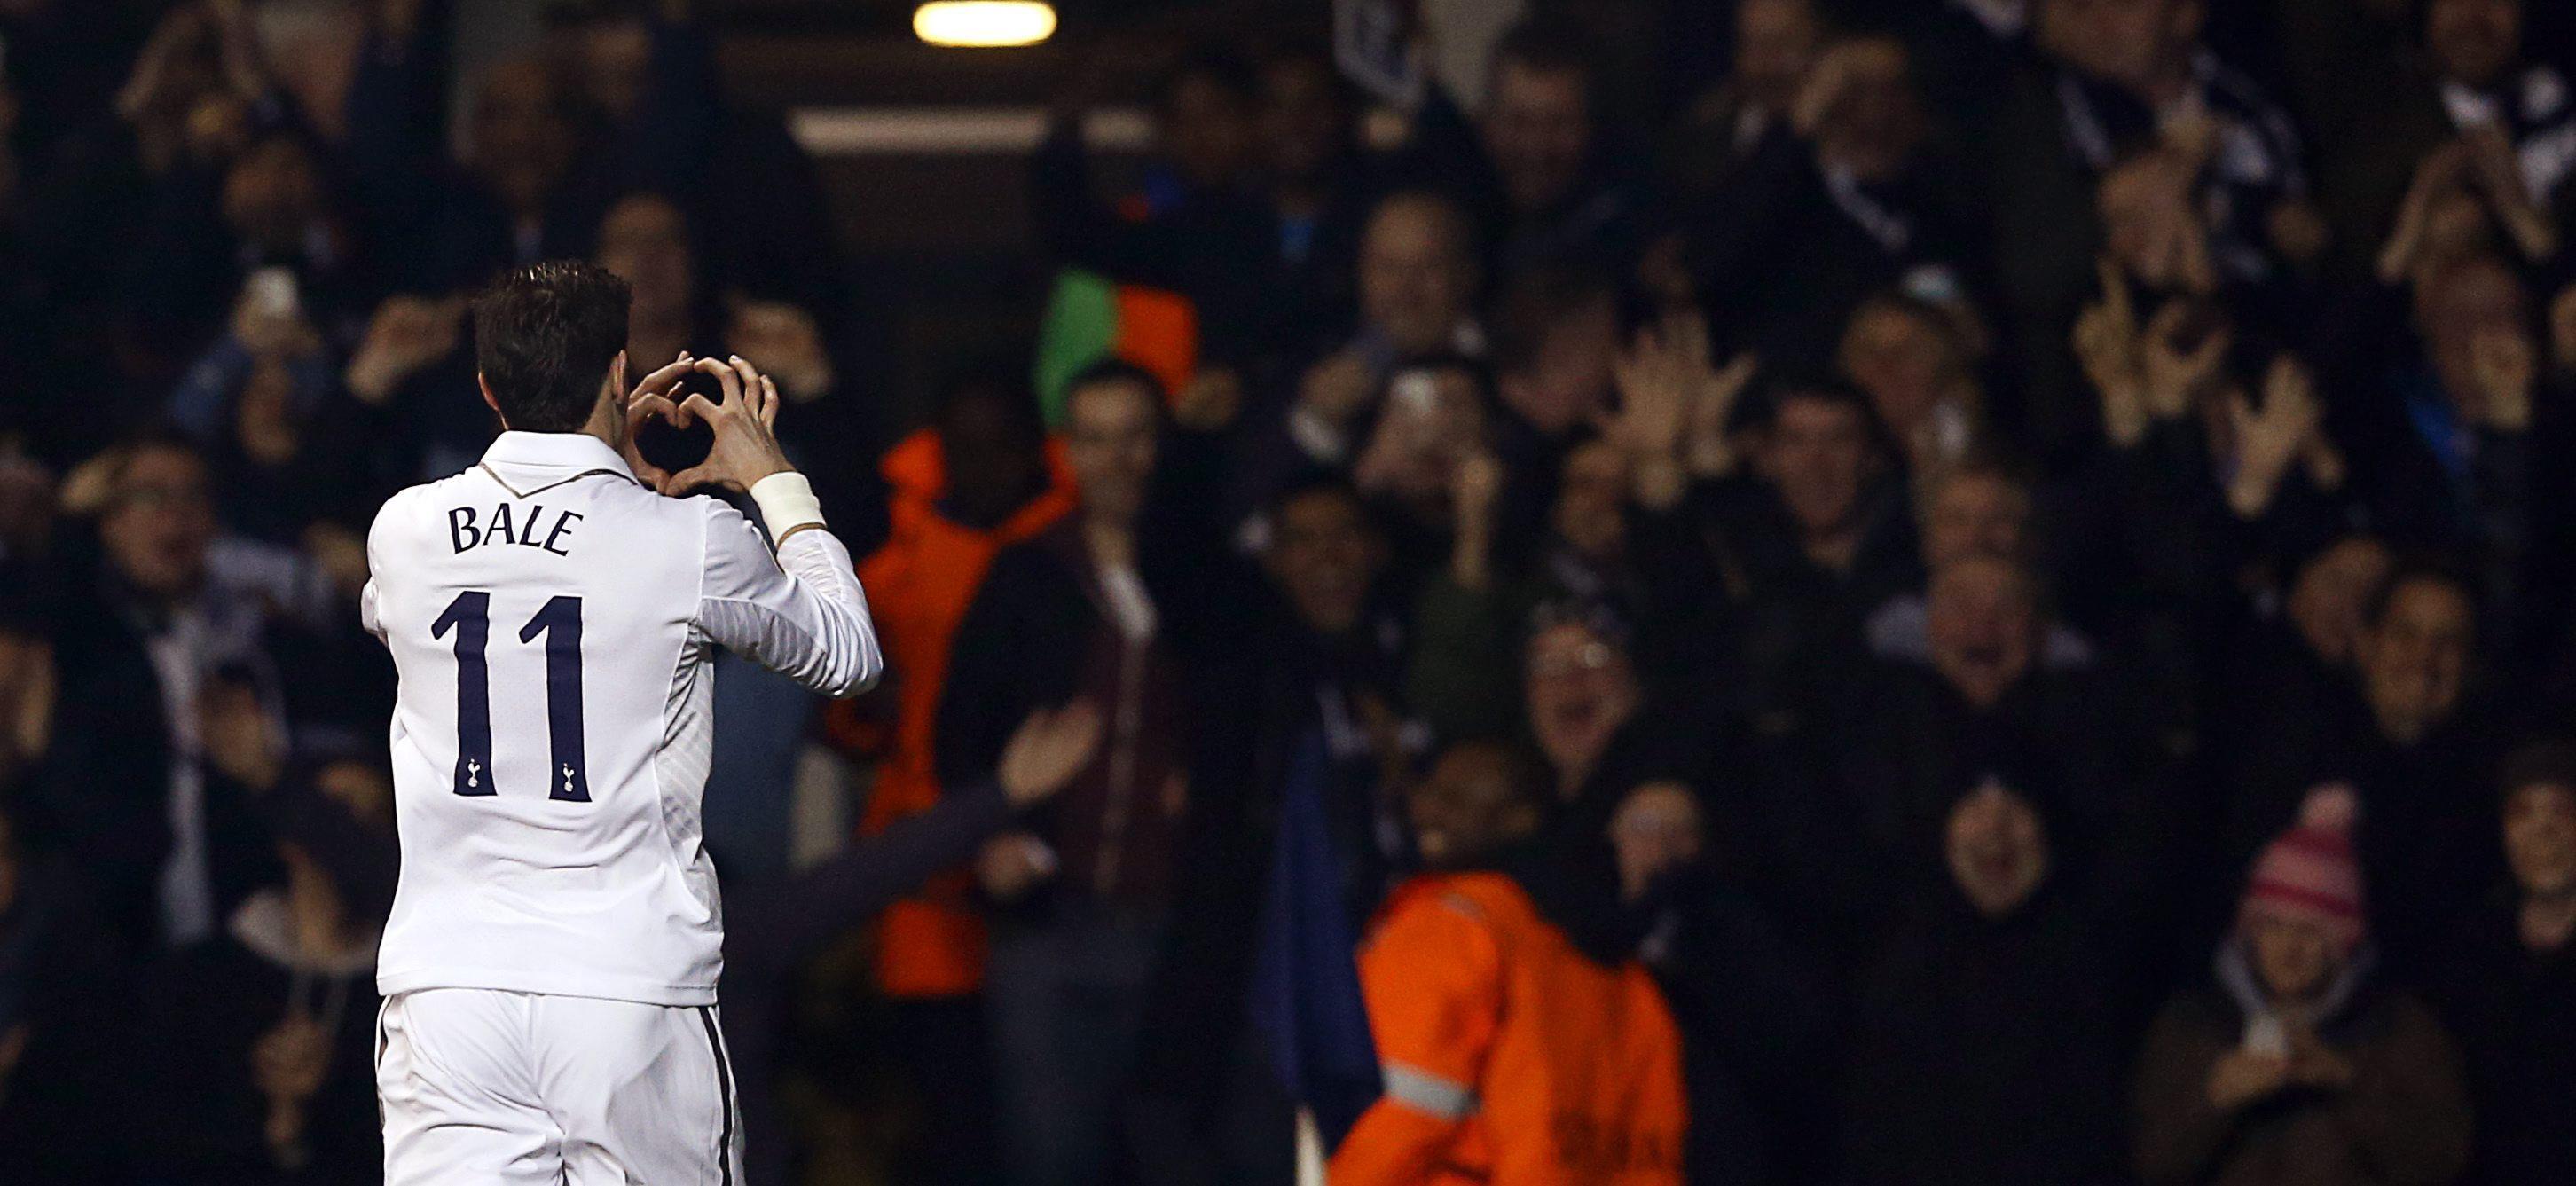 Villas-Boas anuncia que Bale puede fichar «muy pronto» por el Real Madrid